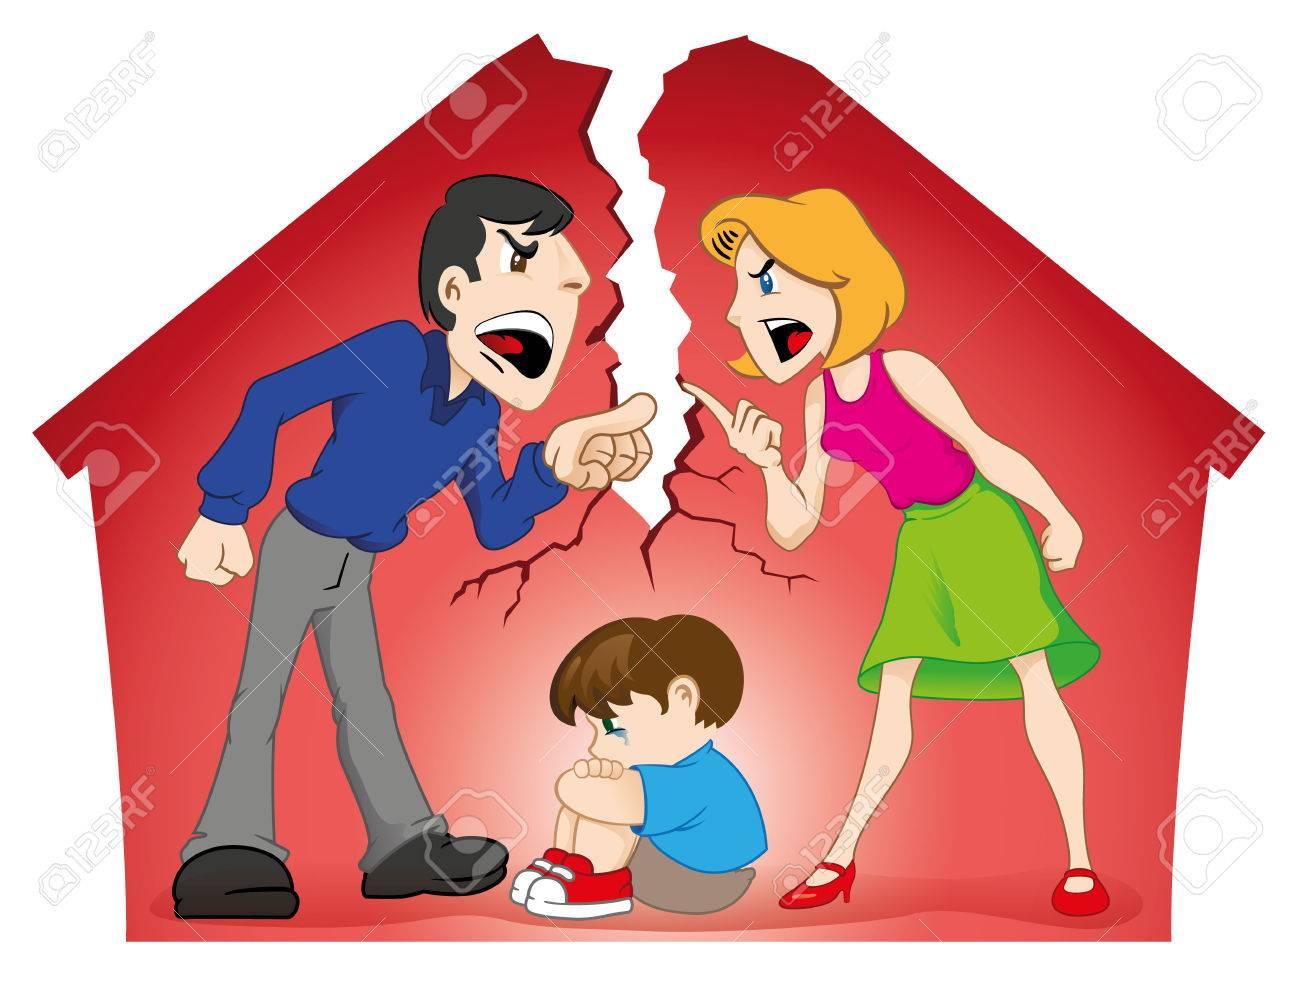 イラストを描いたカップル子供の存在下で論争し家を破壊します教育